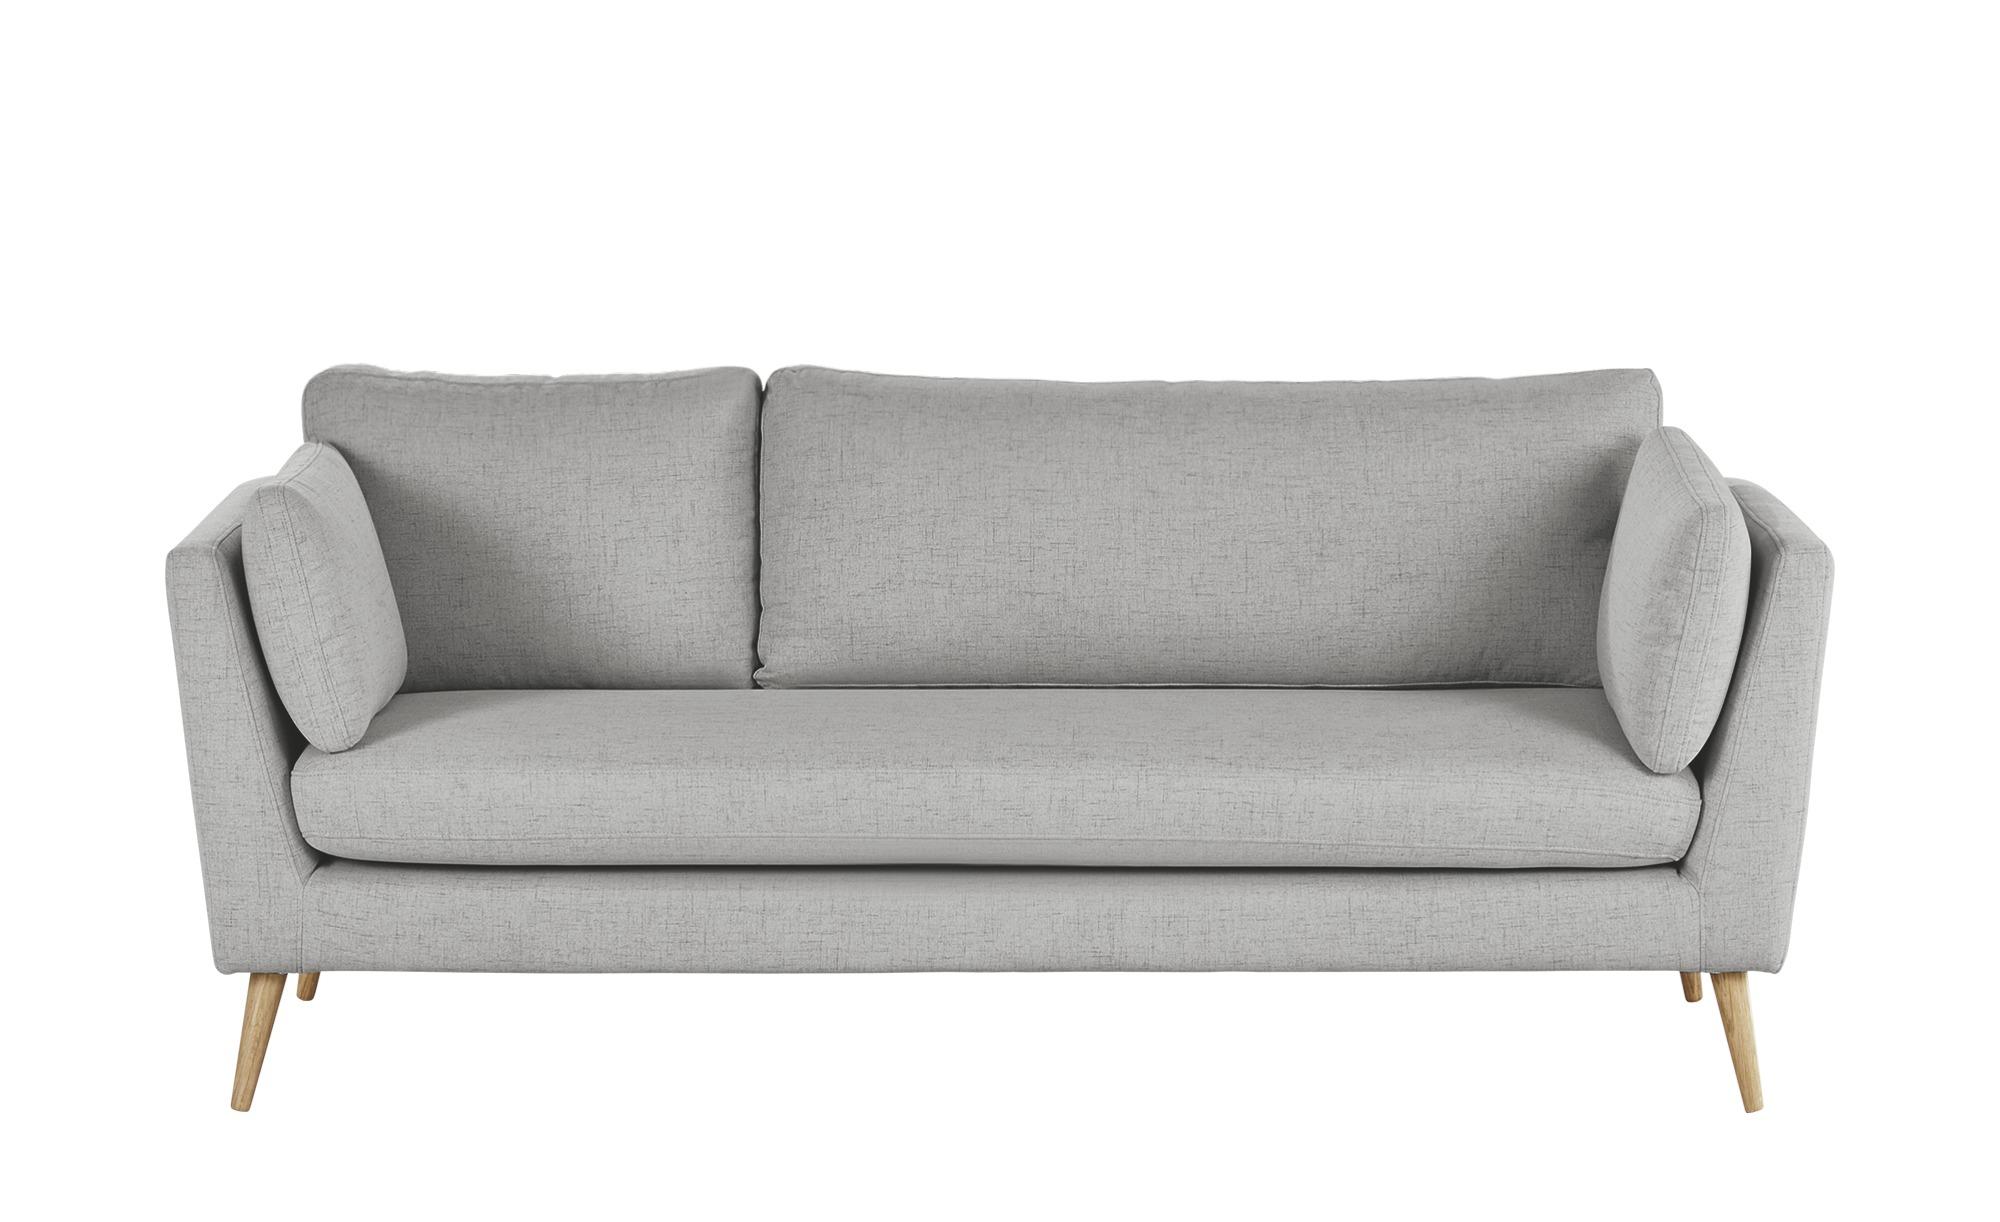 Full Size of Sofa Auf Raten Kaufen Als Neukunde Couch Ohne Schufa Rechnung Trotz Bestellen Ratenkauf Negativer Online Big Ratenzahlung Finya Skandi Grau Webstoff Jane Sofa Sofa Auf Raten